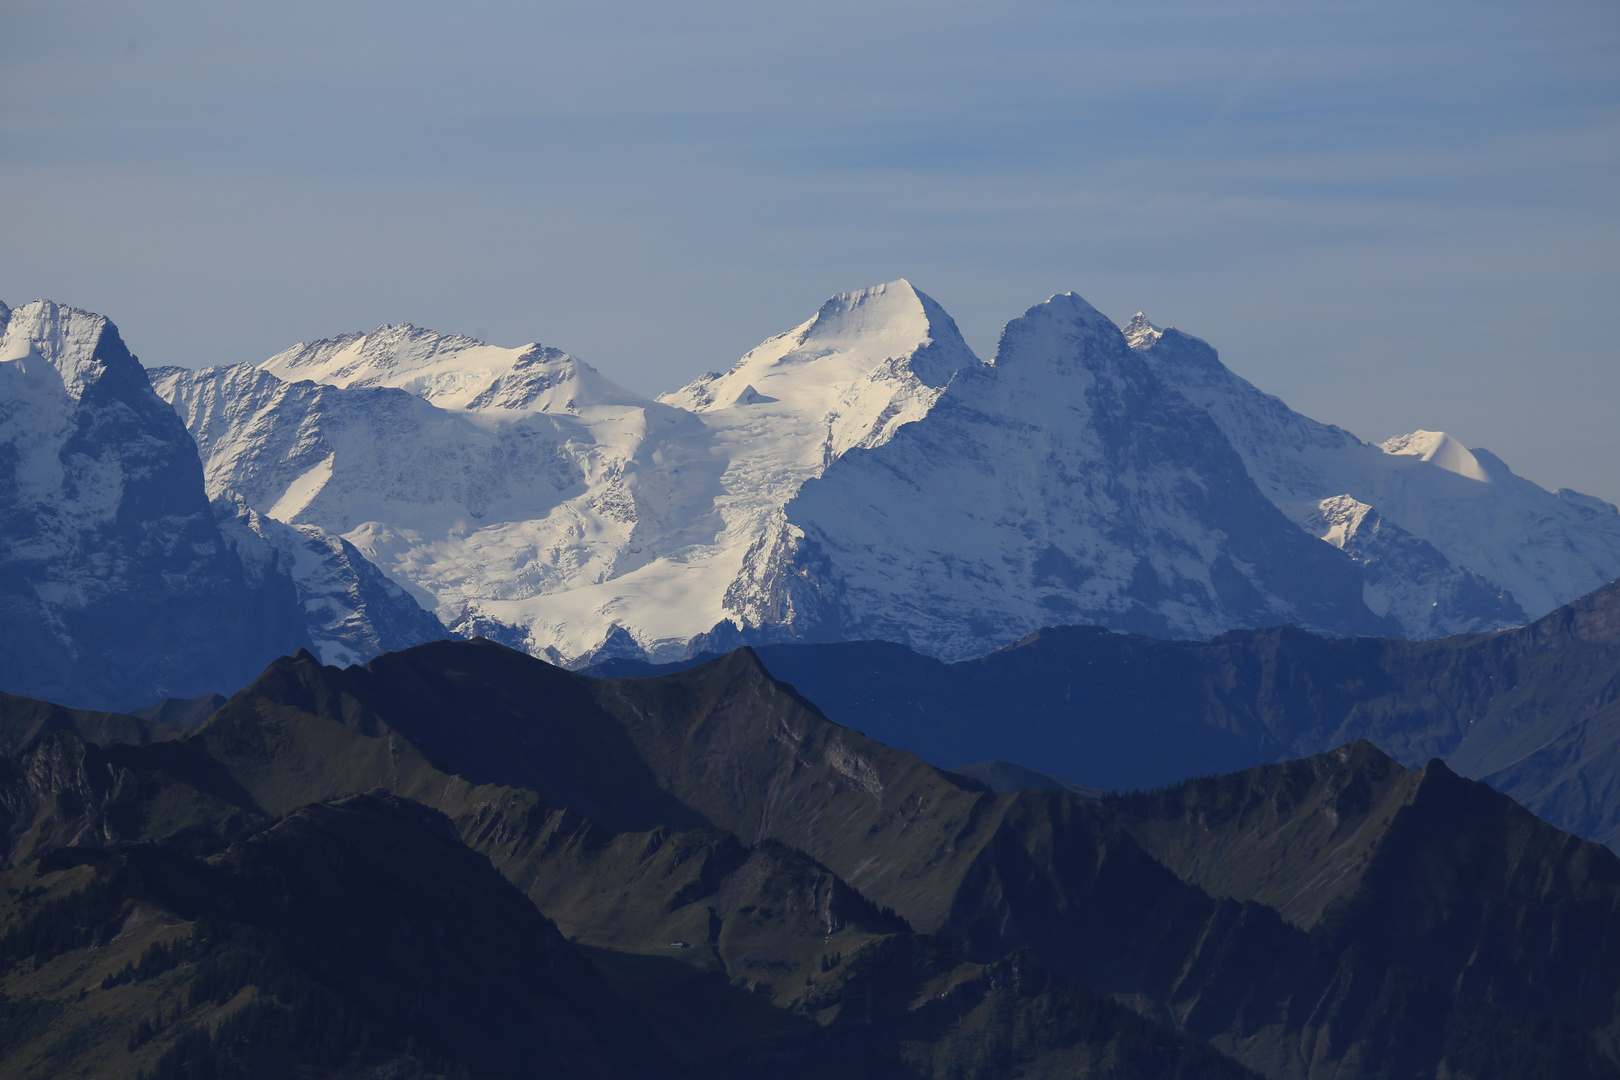 Mönch, Eiger, Jungfrau